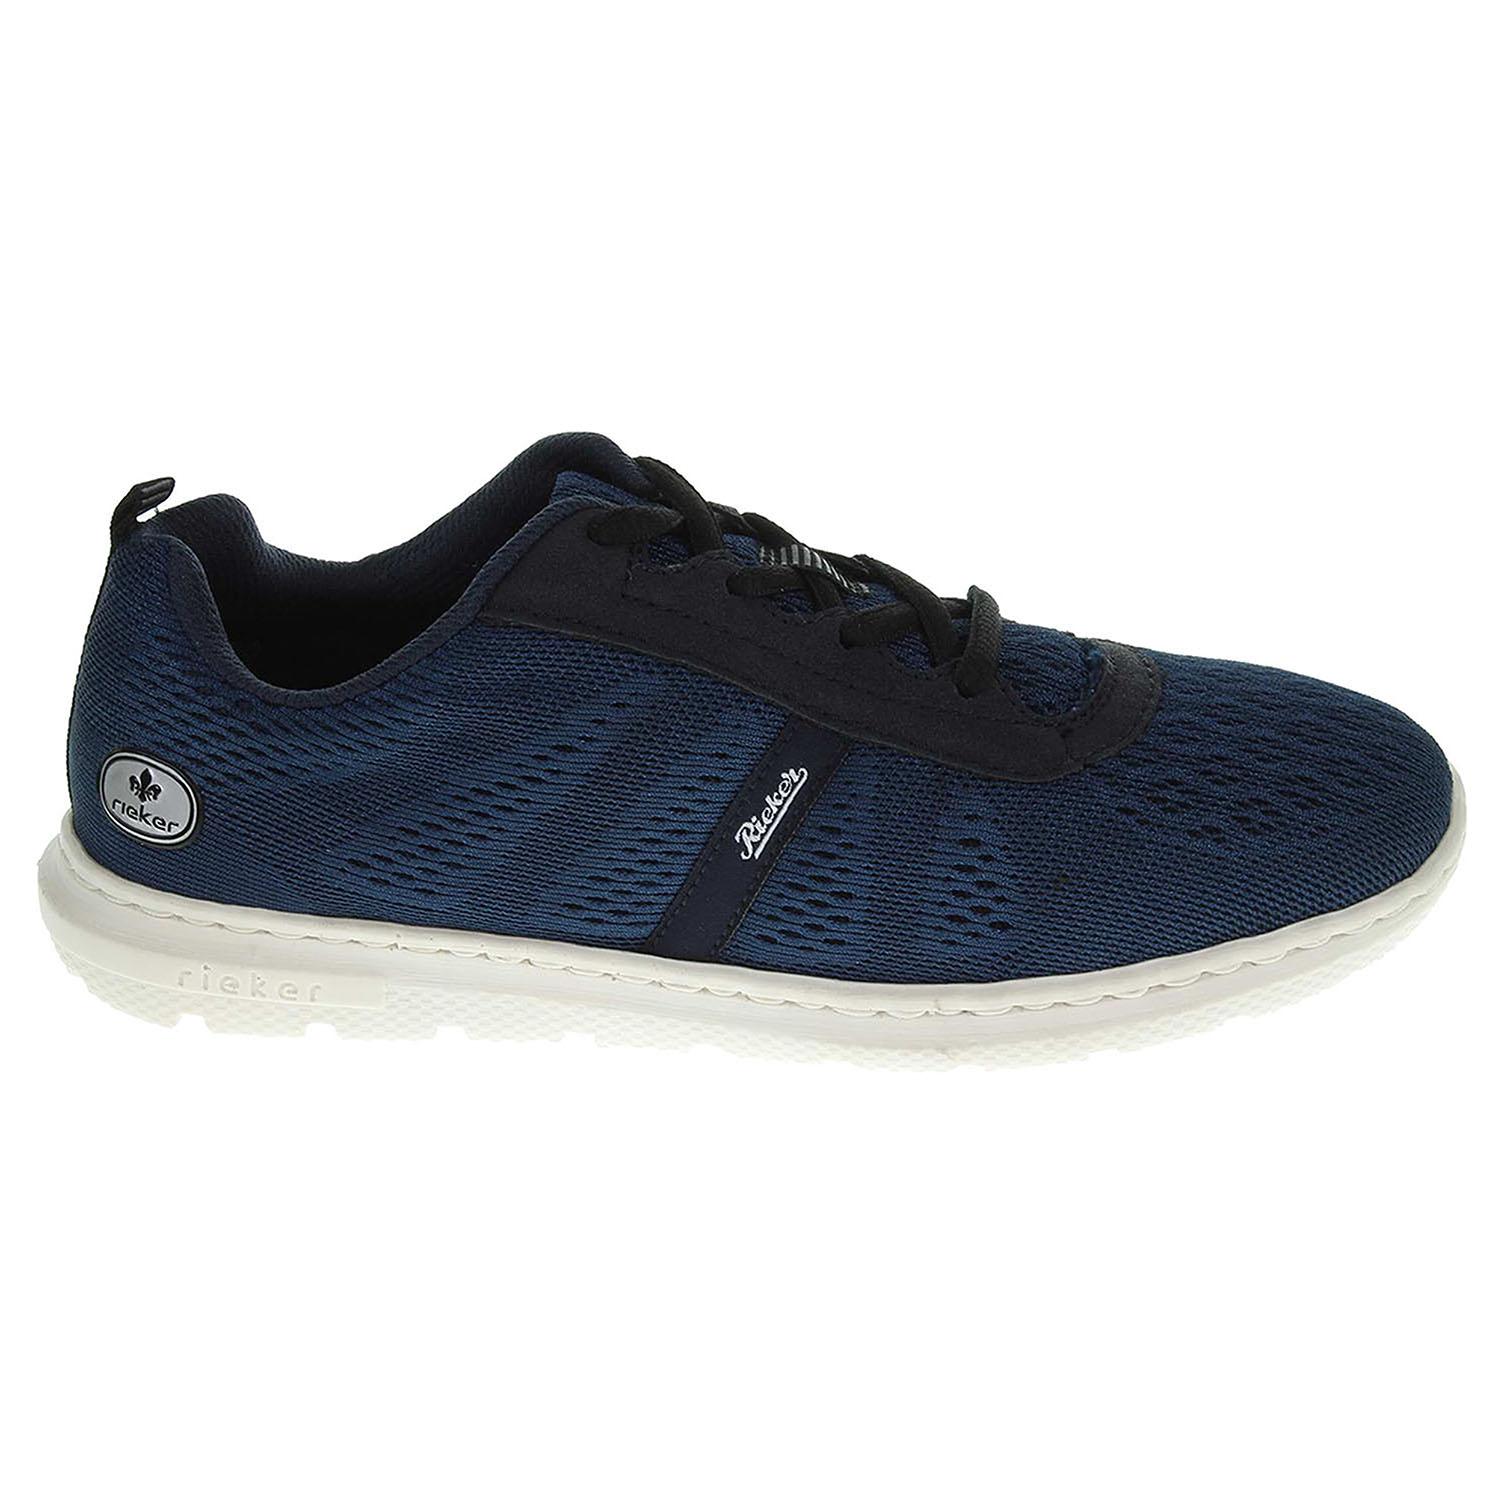 Ecco Rieker dámské vycházkové 55104-14 modré 23200452